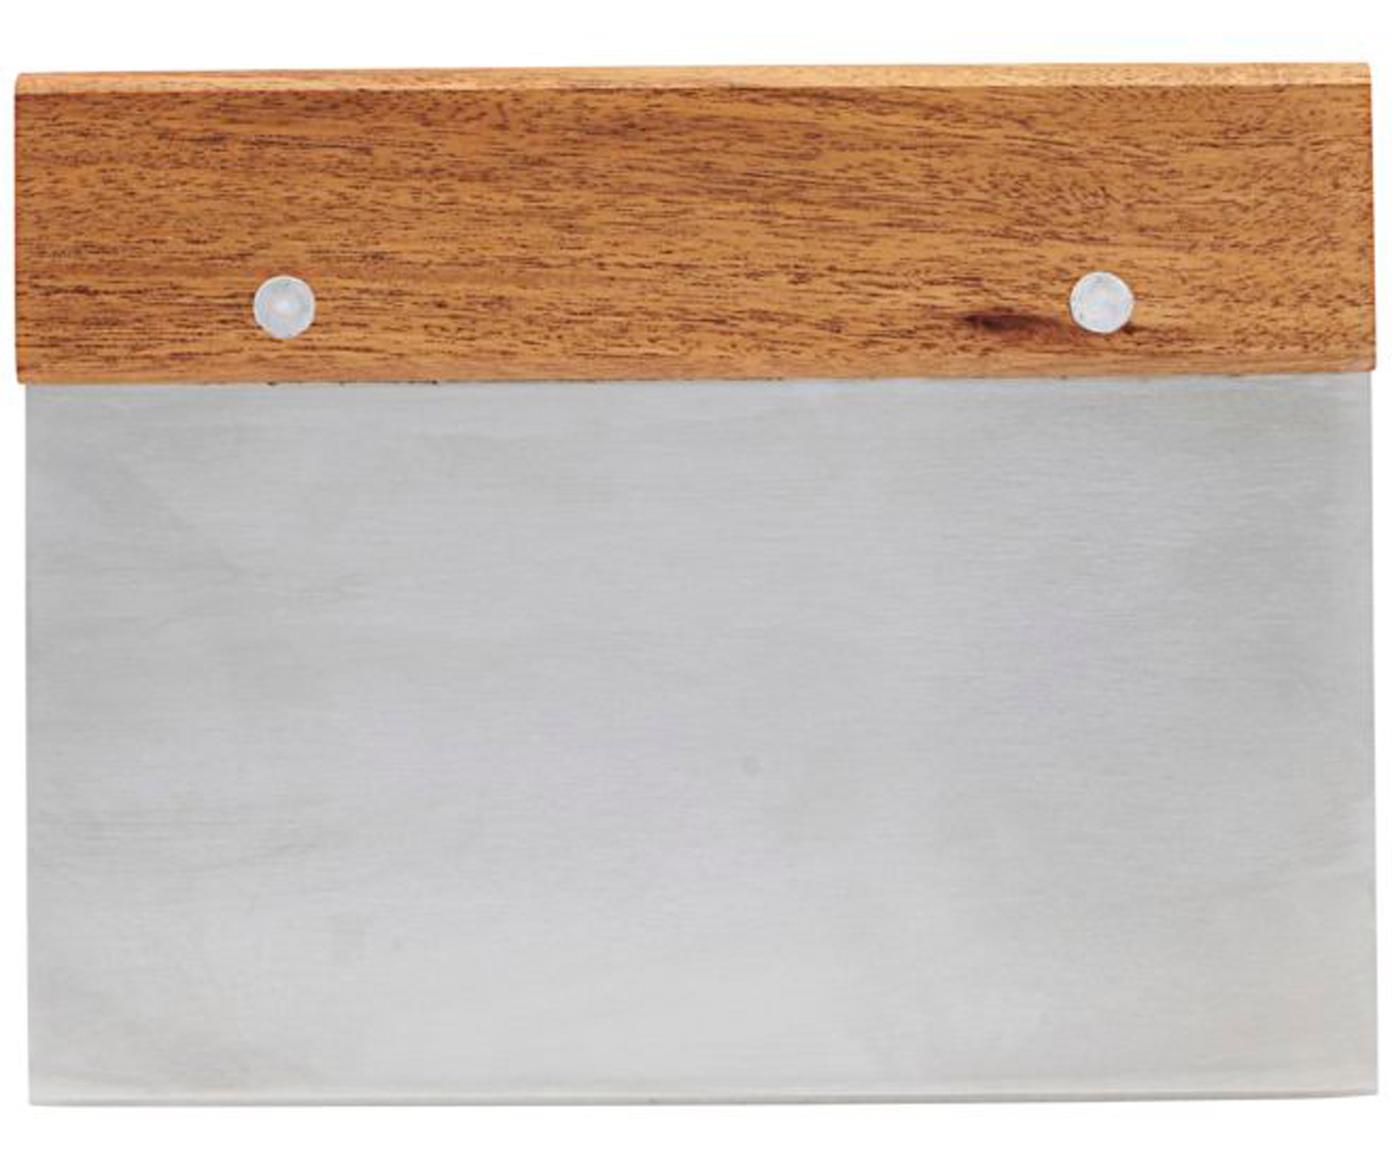 Nóż do ciasta z drewna akacjowego Puka, Drewno akacjowe, stal szlachetna, S 15 x W 12 cm